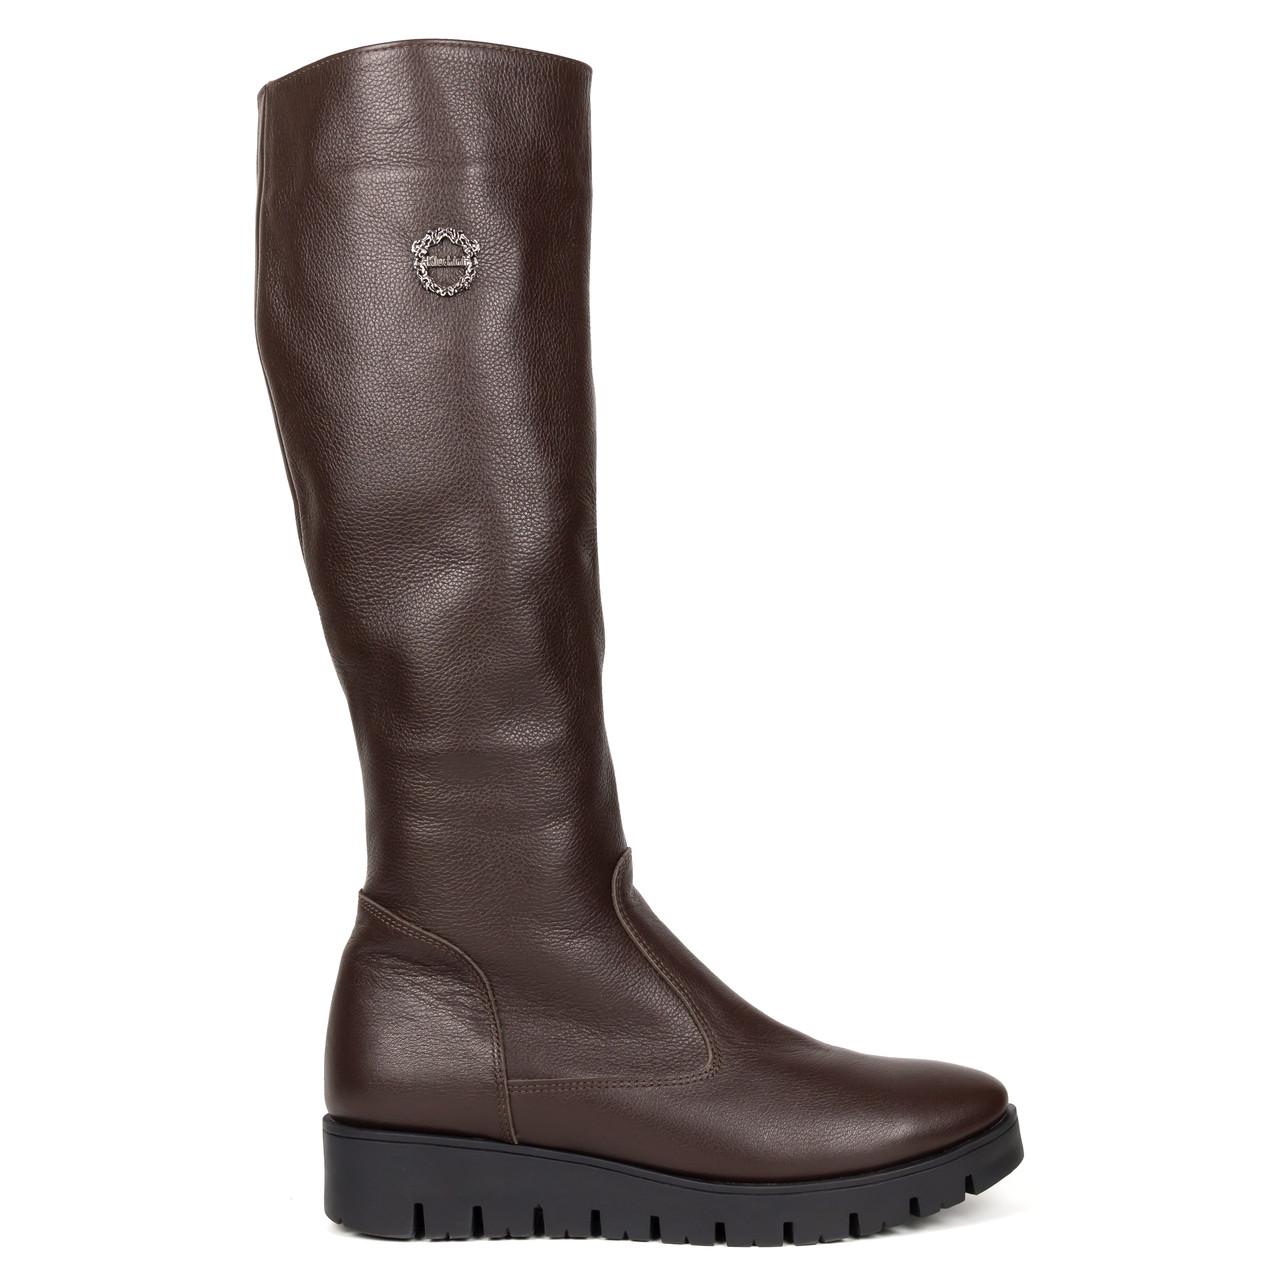 Сапоги с мехом Woman's heel коричневые (О-691)